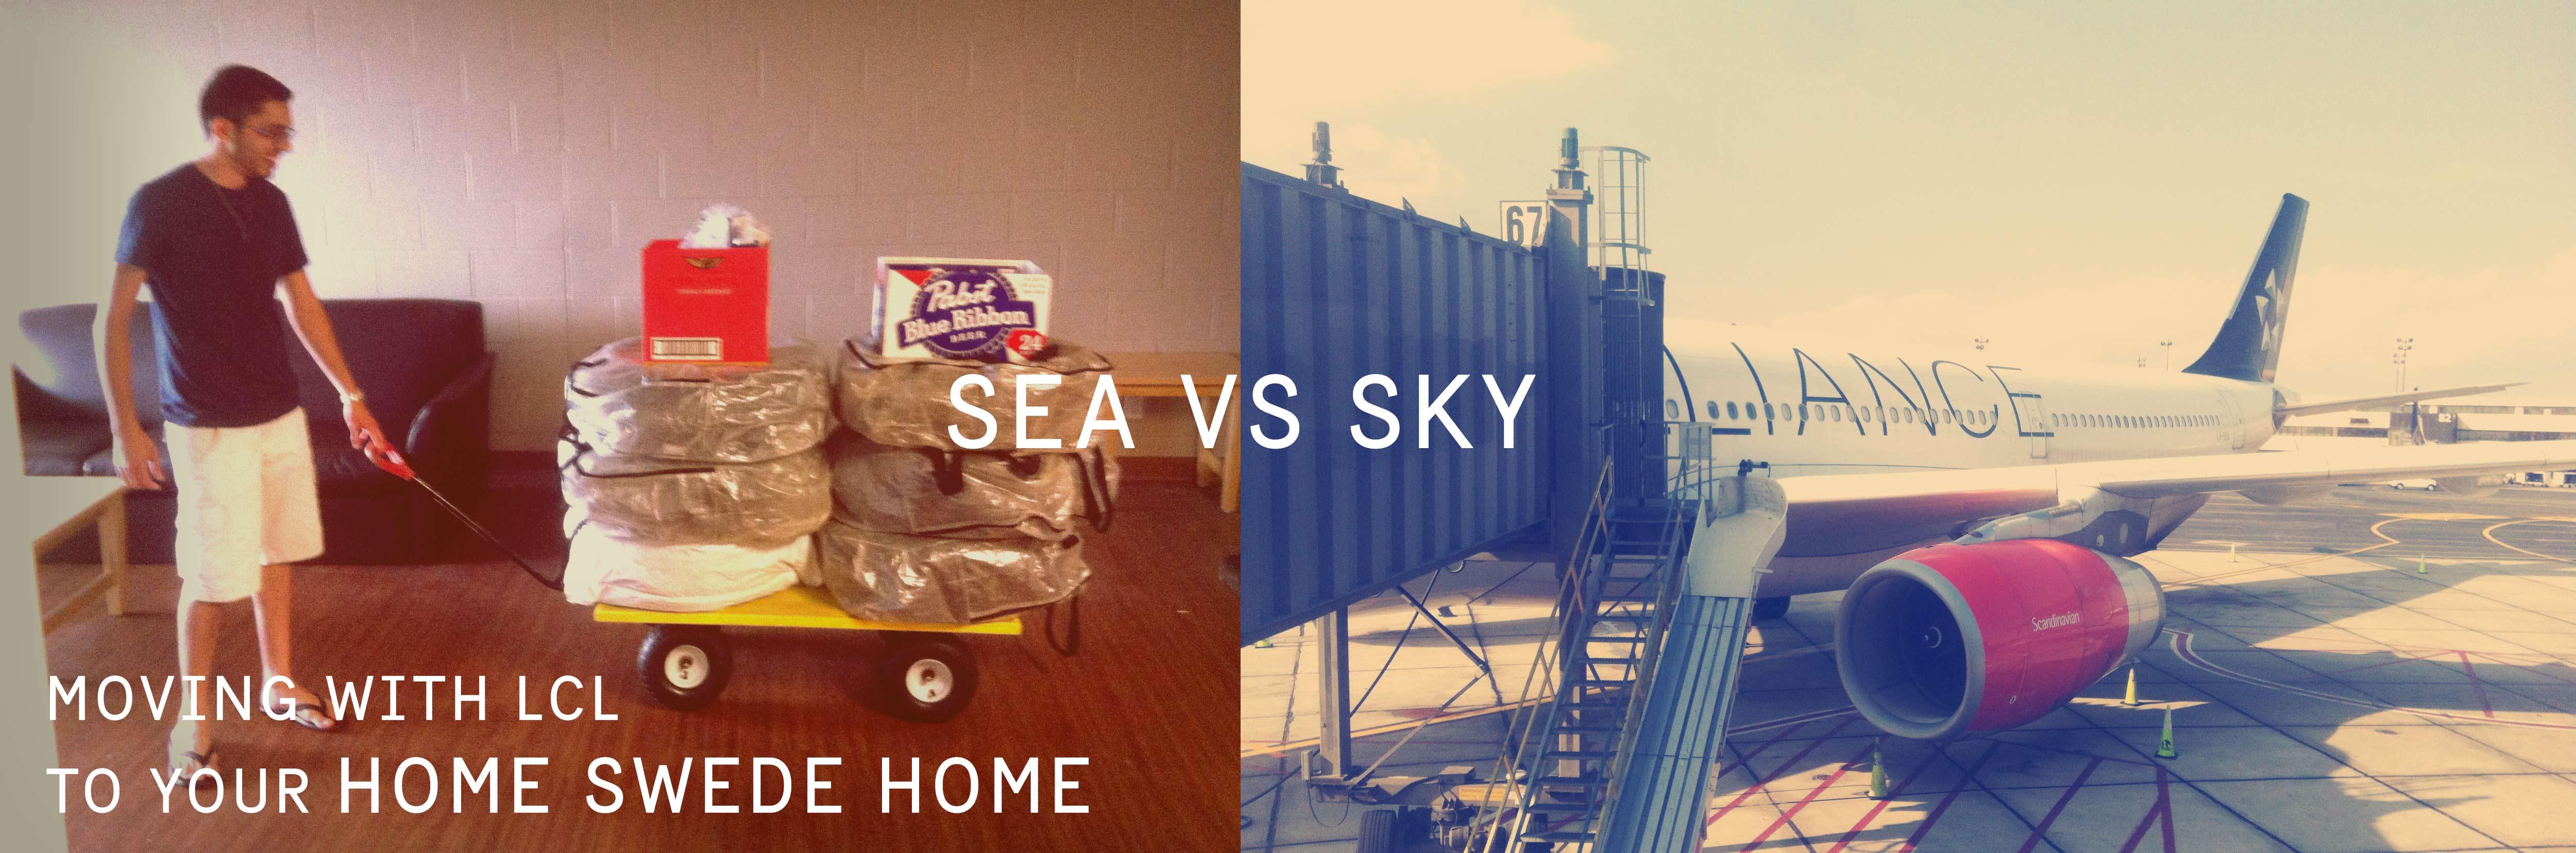 sea-vs-sky